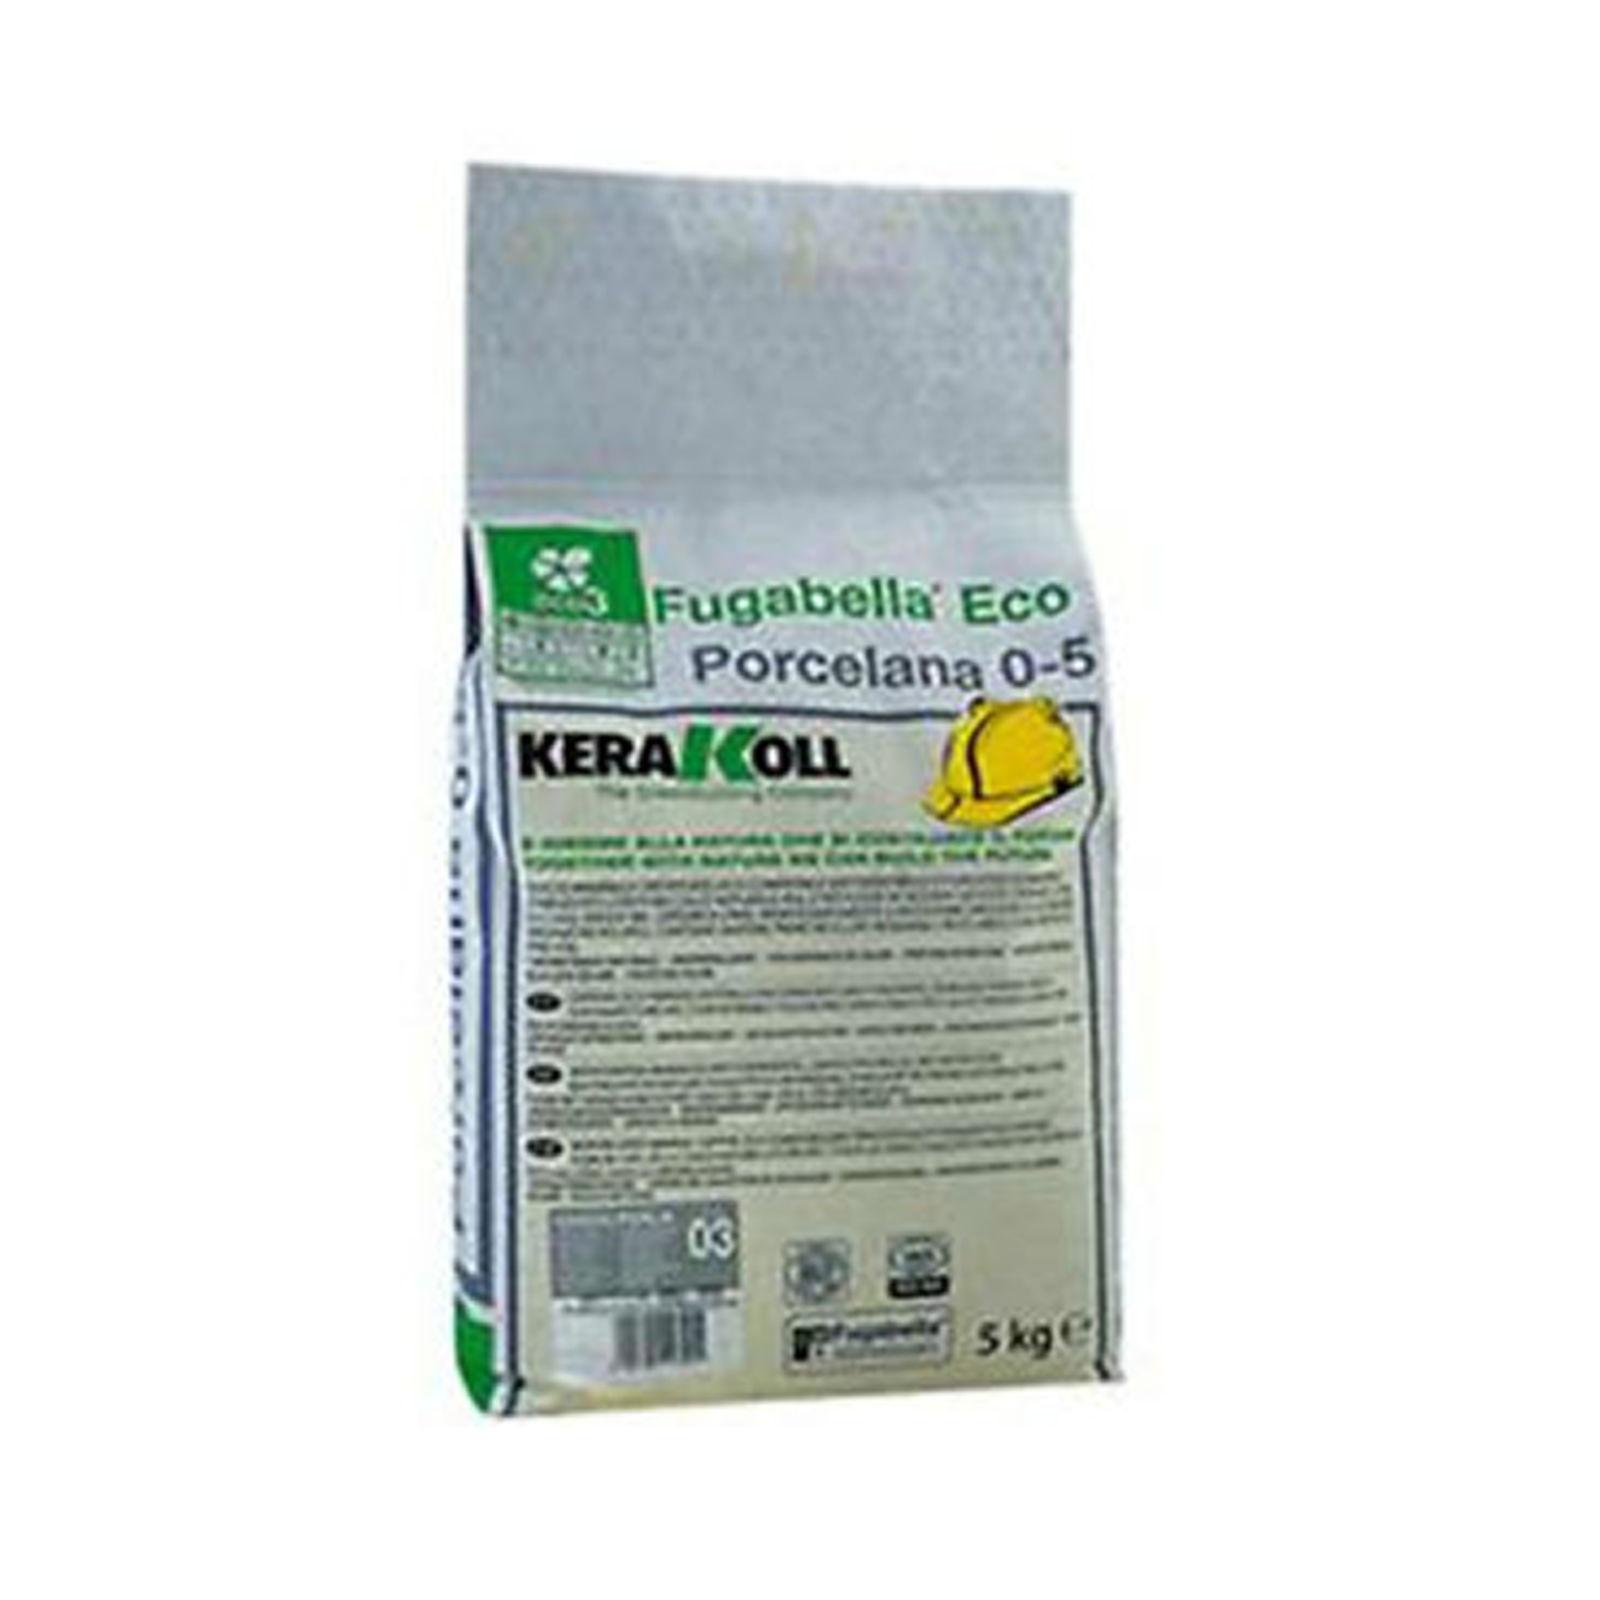 Kerakoll fugabella eco porcelana 0-5 fuga stucco per piastrelle colore terracotta kg5